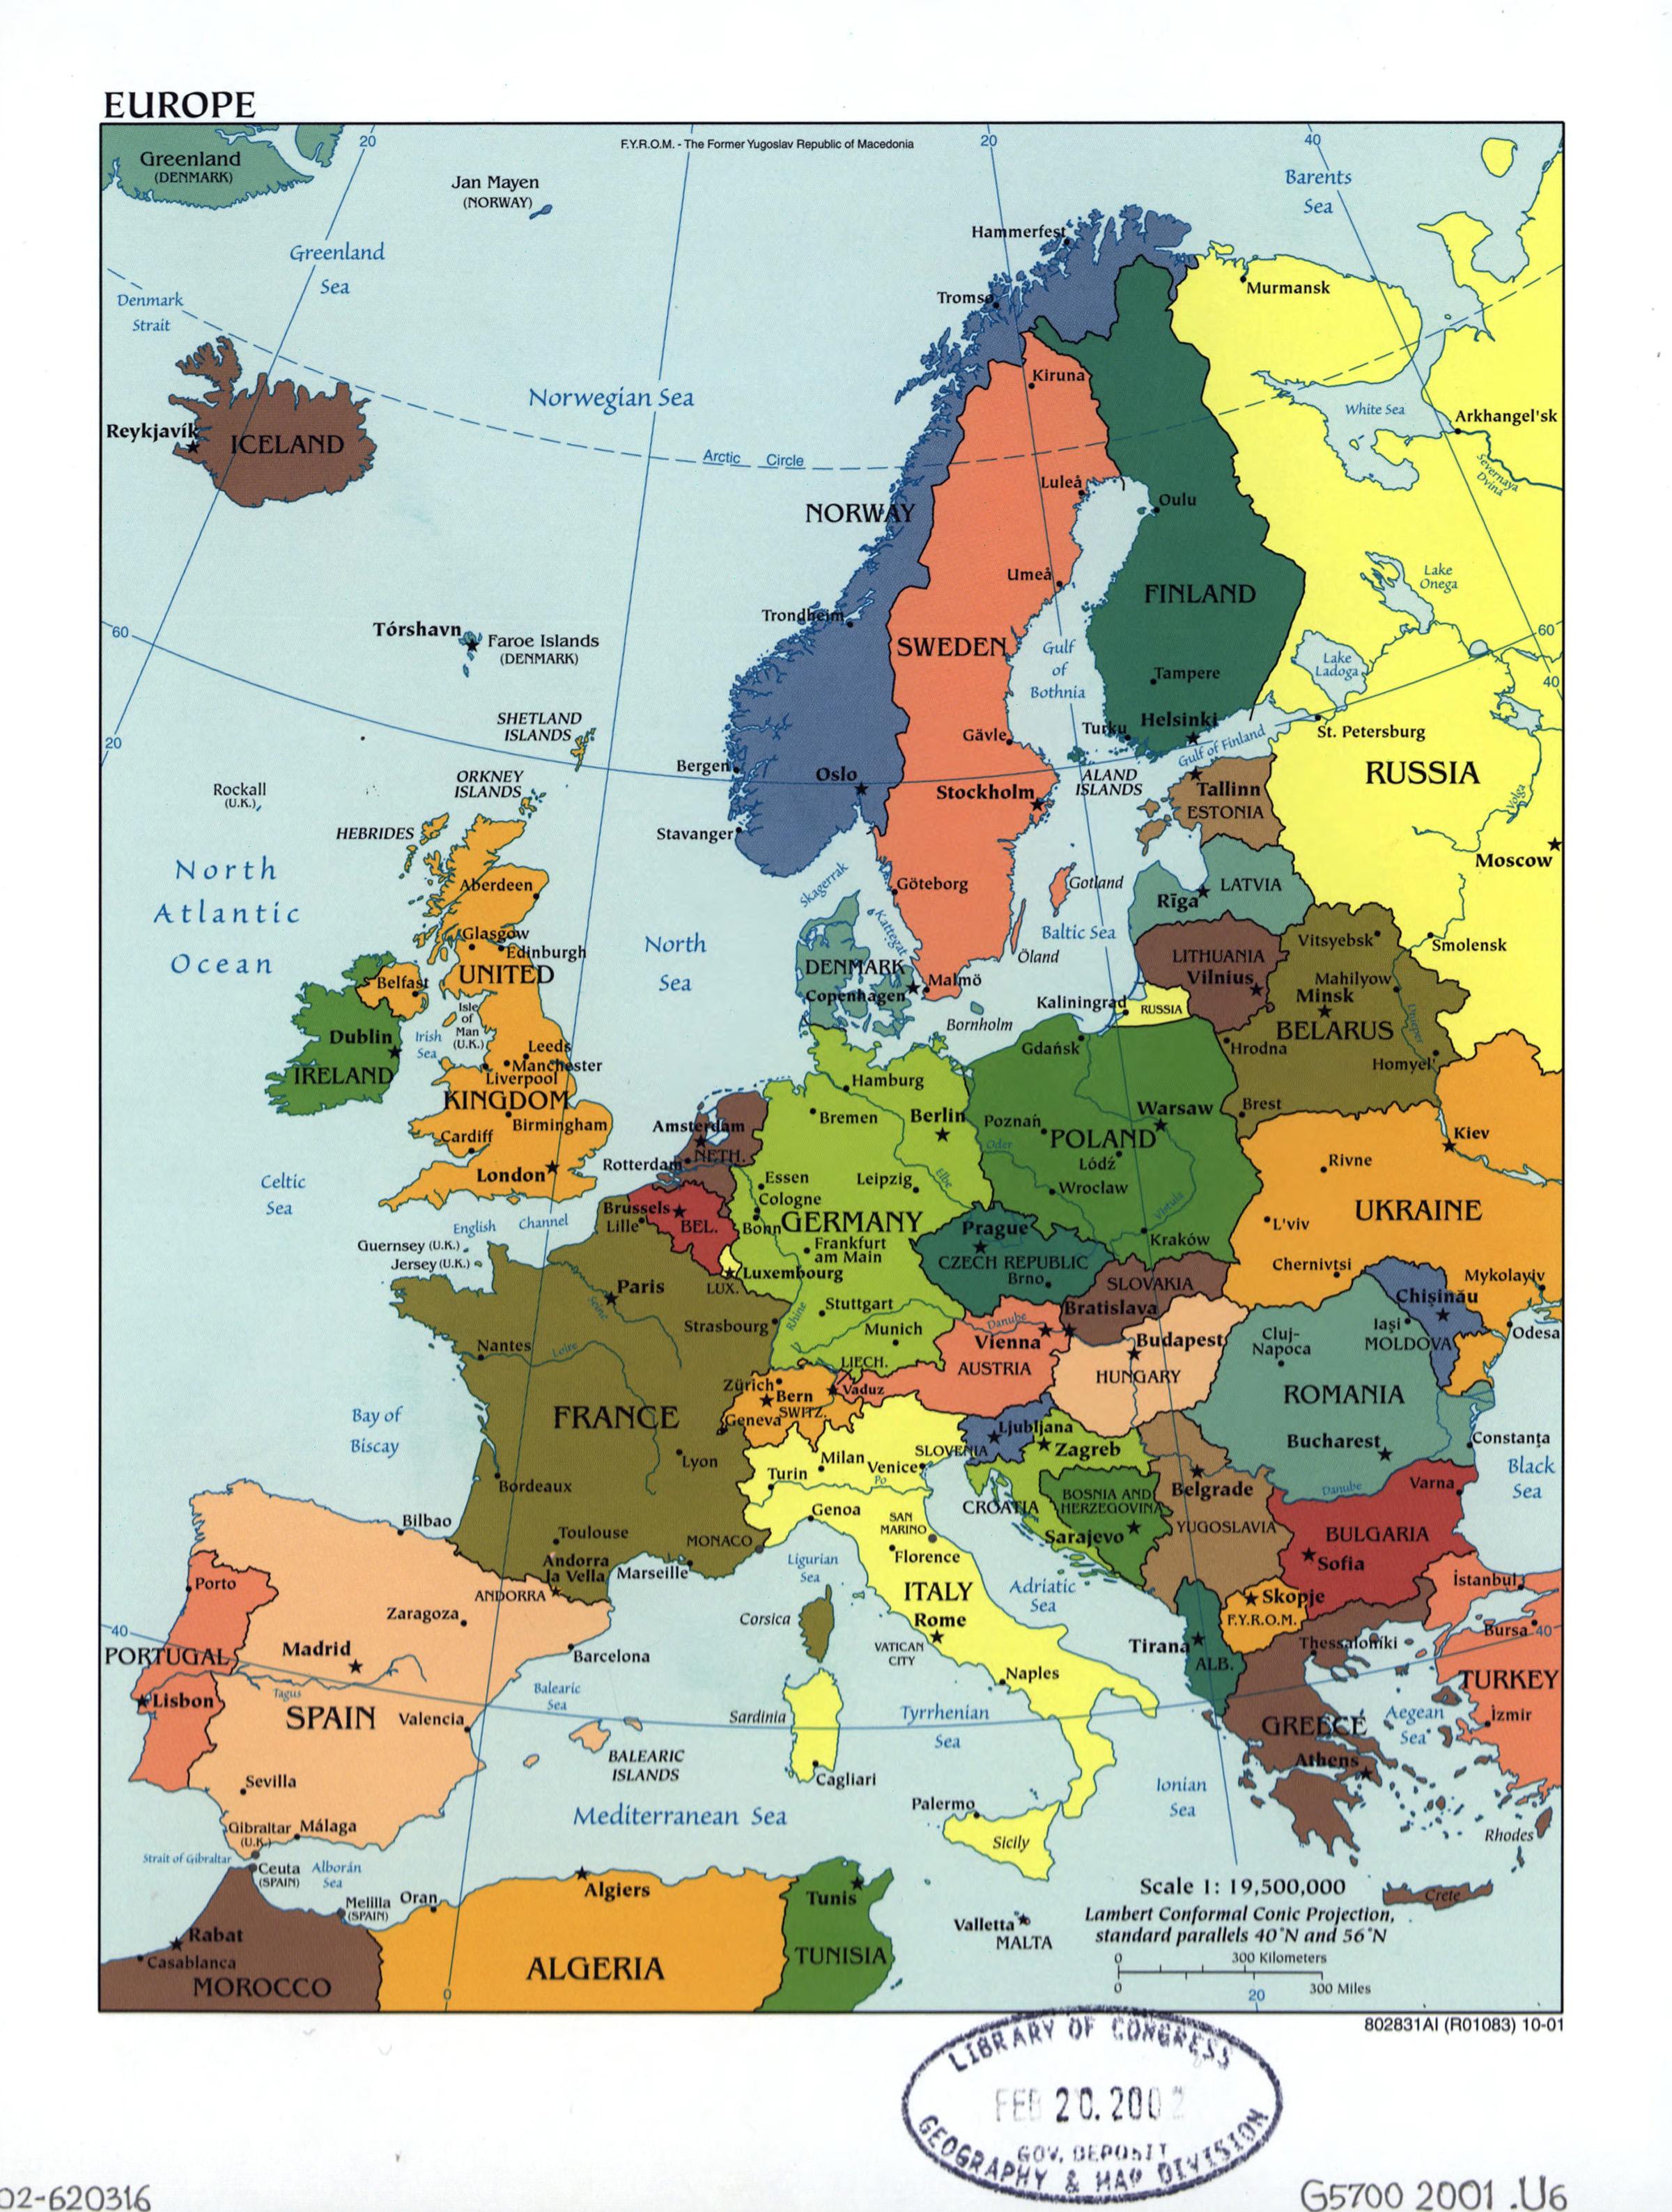 Mapa Europa Politico Capitales.Mapa Politico Grande De Europa Con Las Marcas De Las Capitales Y Principales Ciudades 2001 Europa Mapas Del Mundo